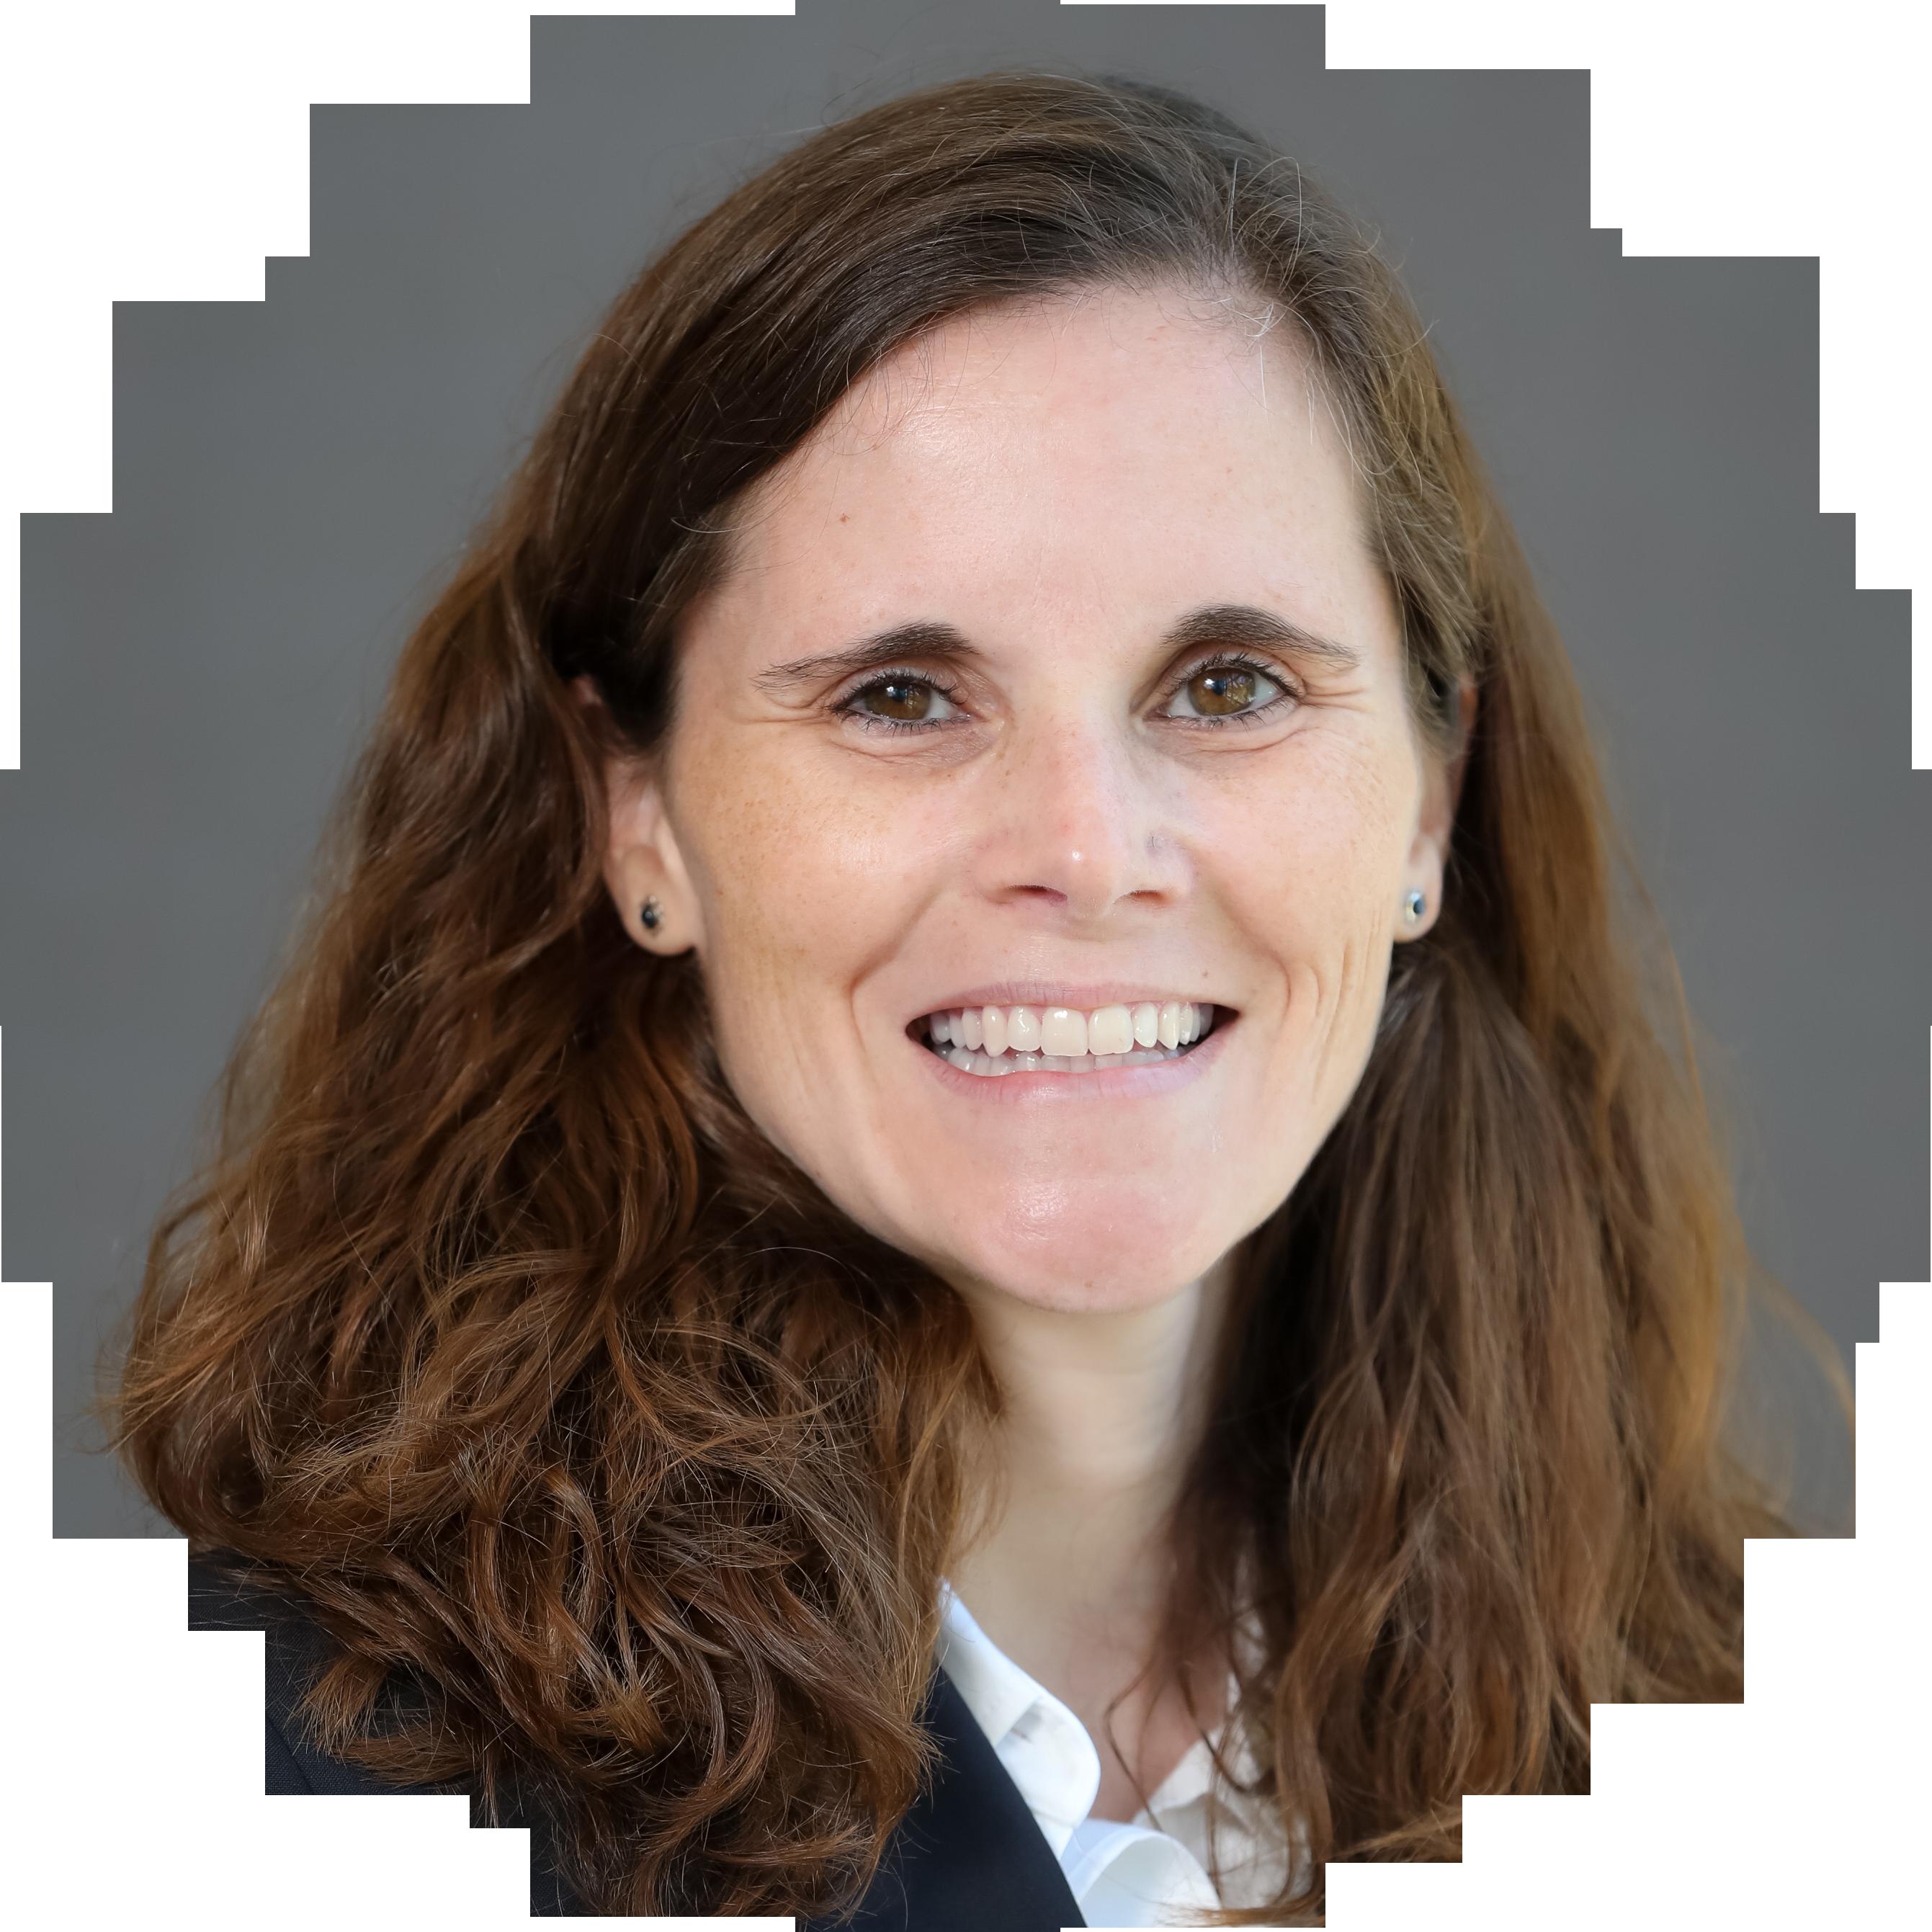 Dr. Mary K. Mulcahey, MD